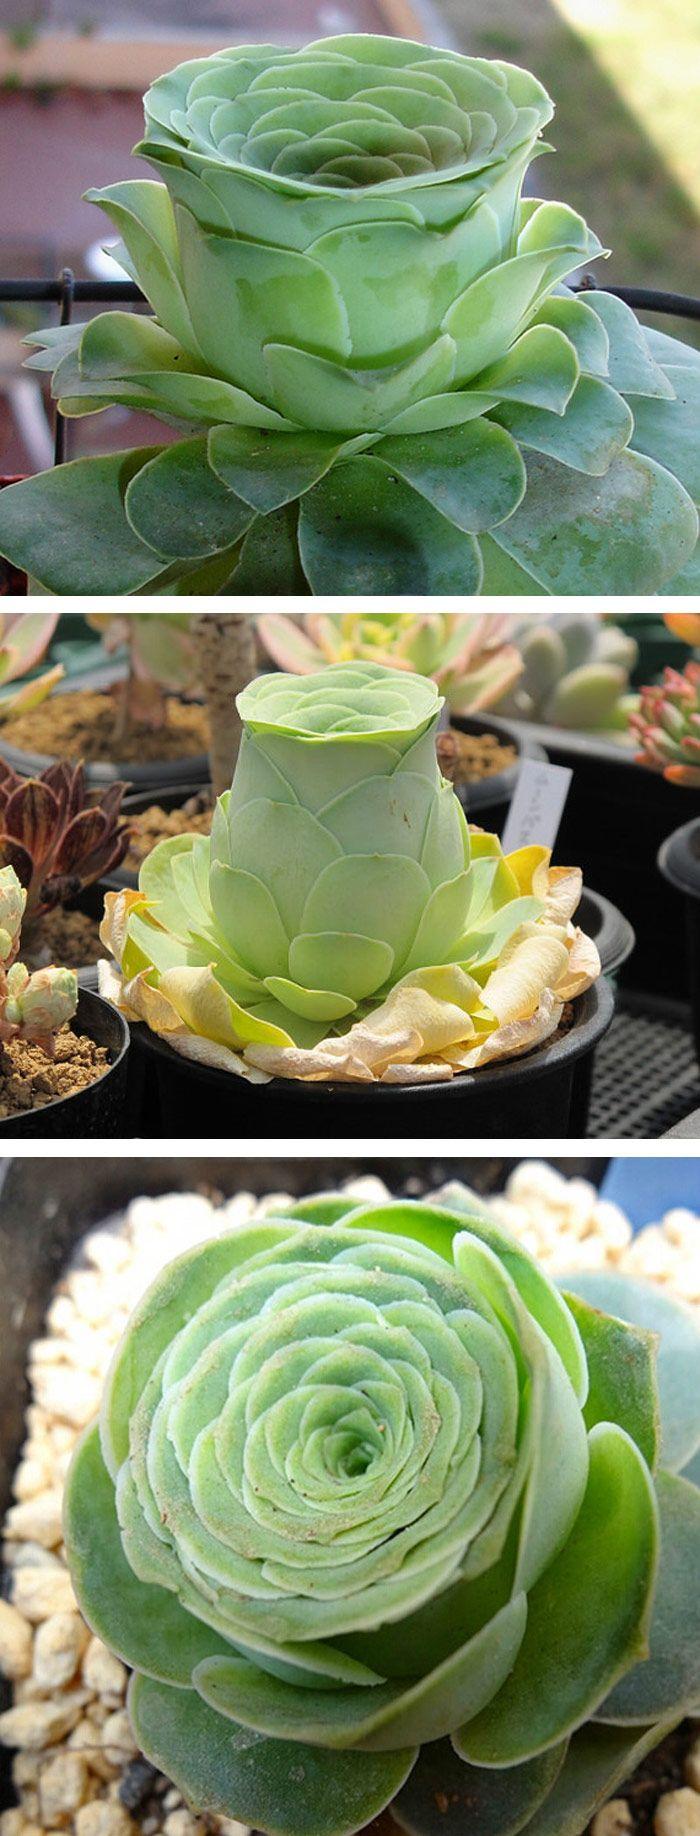 Greenovia Aeonium, succulente originaire des Canaries